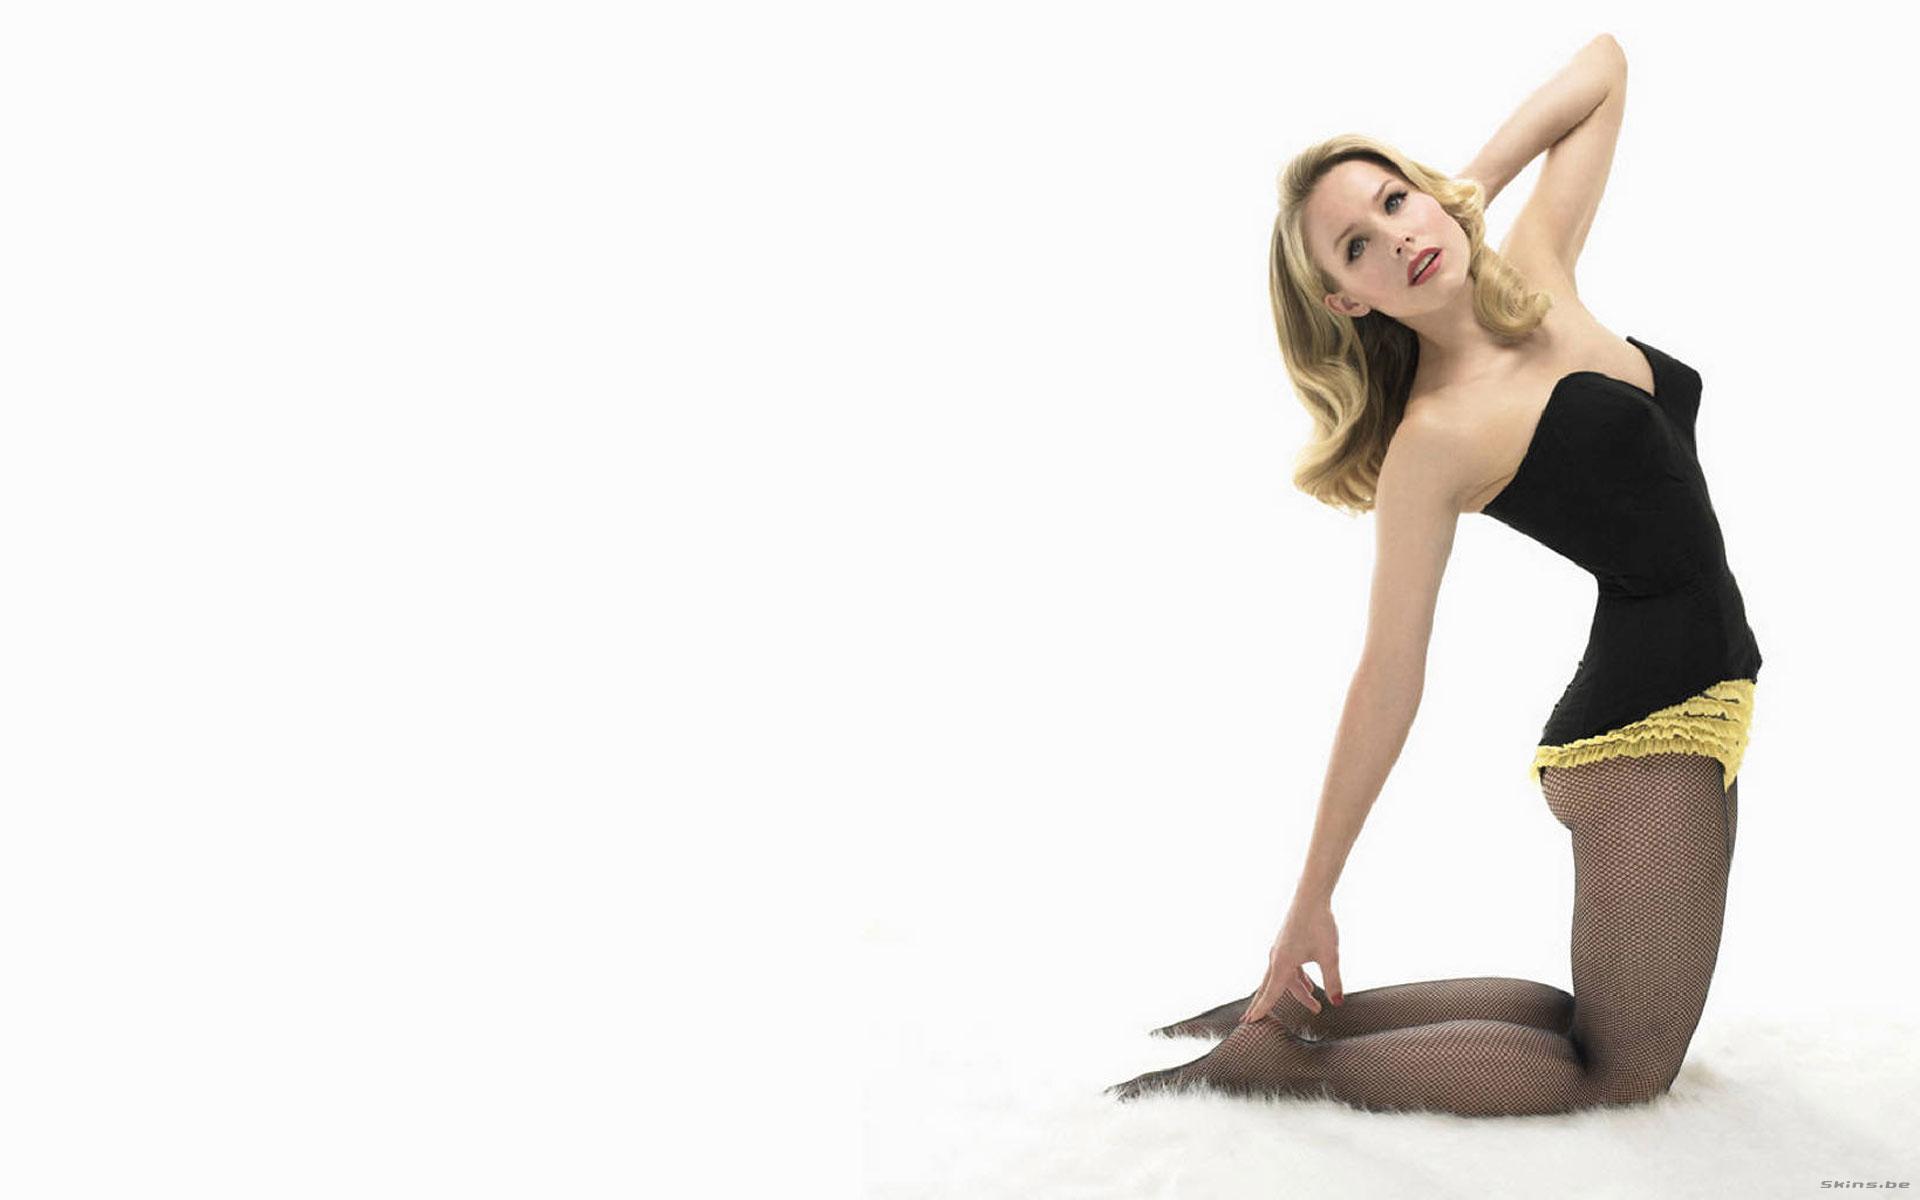 Скачать Kristen Bell, девушка, красивая, фото, обои, картинка #116602.